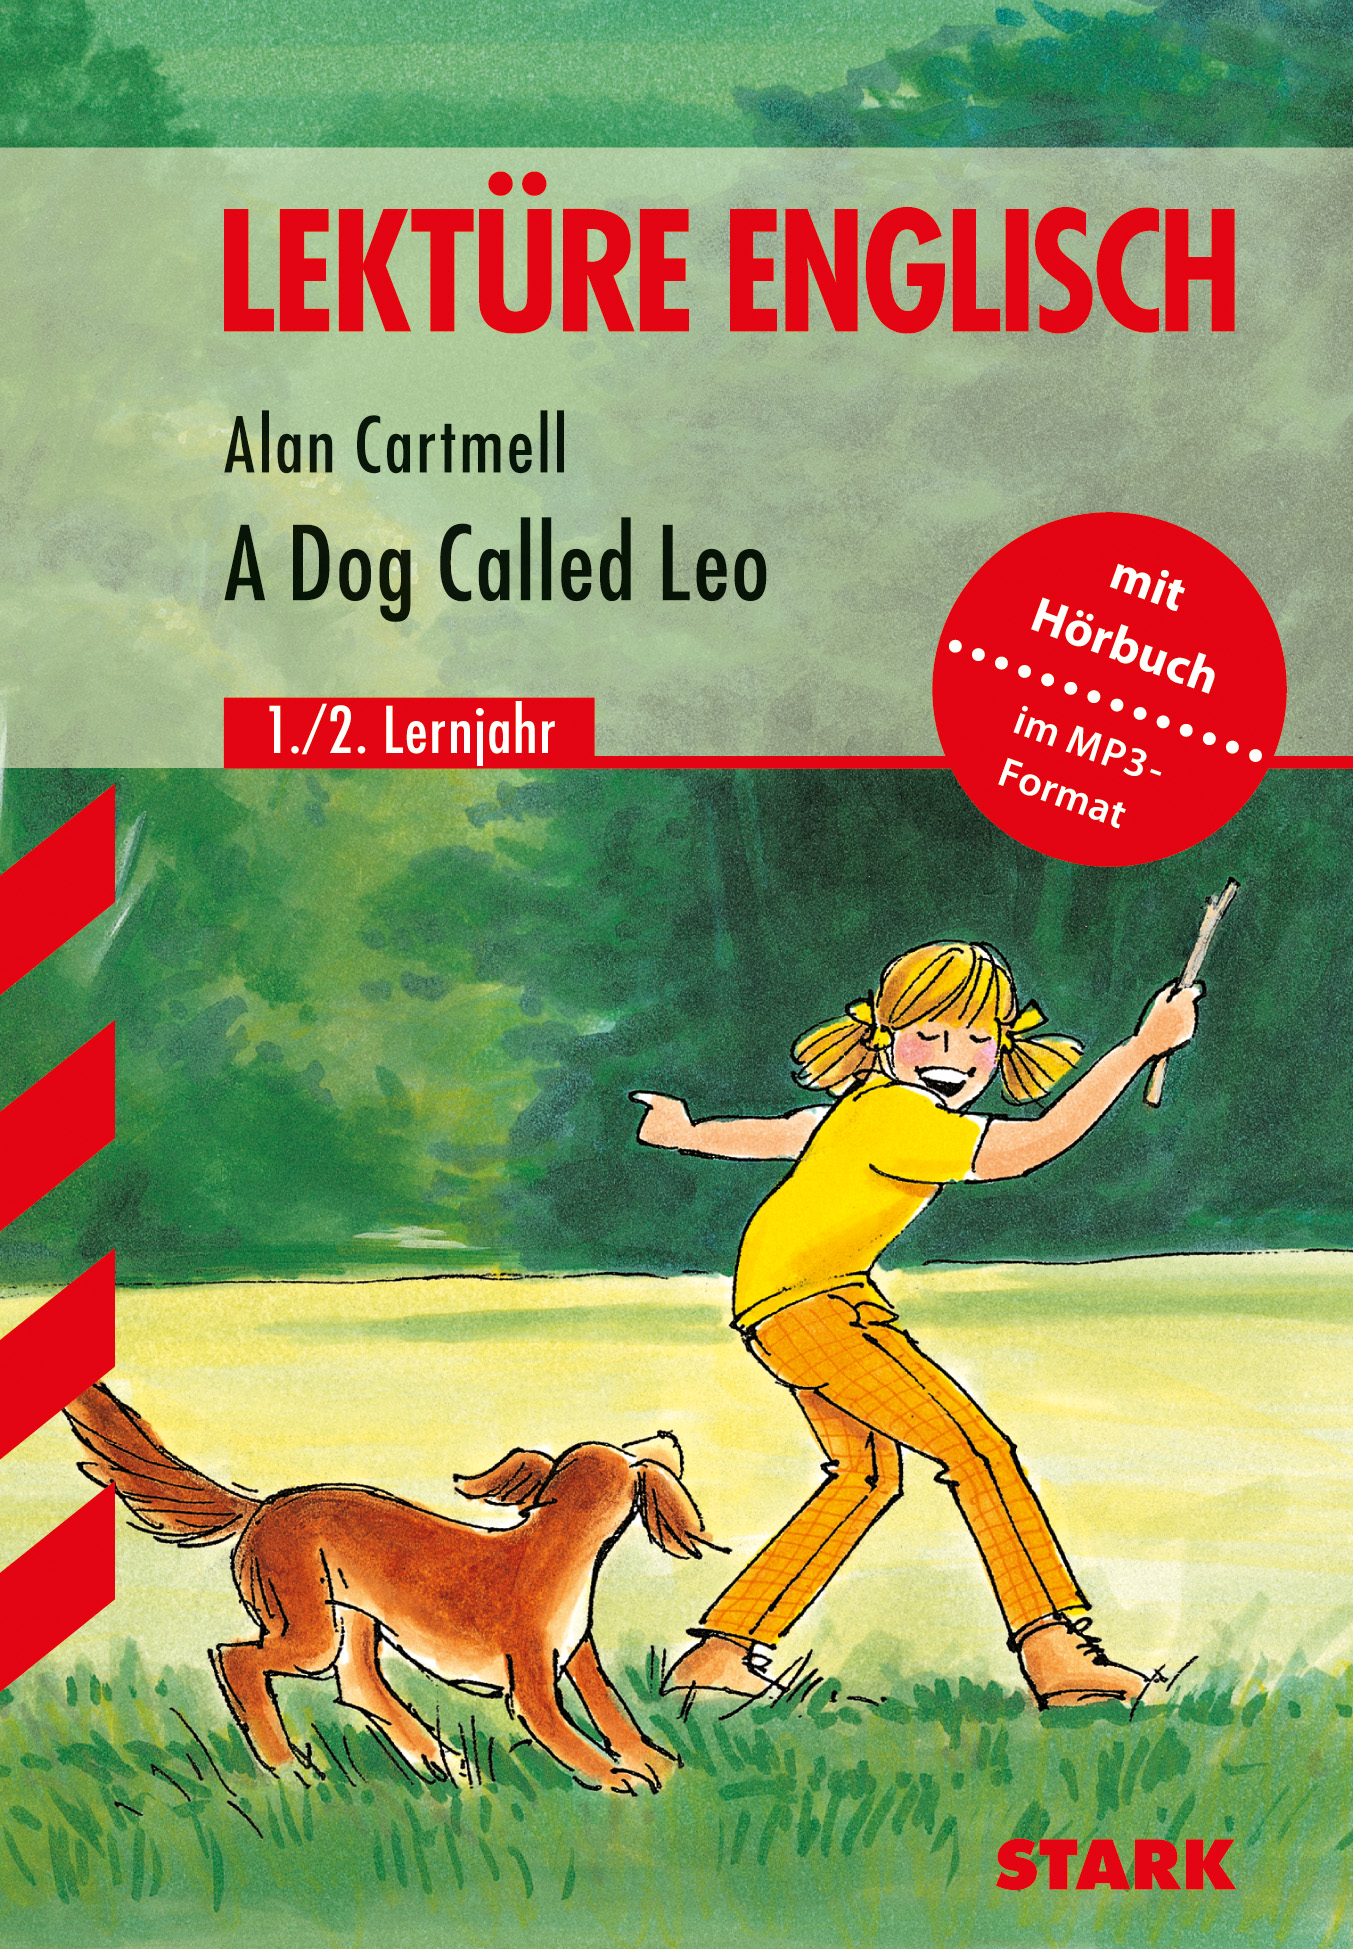 Englisch Lektüre: A Dog Called Leo. Für die Unterstufe. Lektüre Englisch.: Englisch Lektüre. Für die Unterstufe - Alan Cartmell